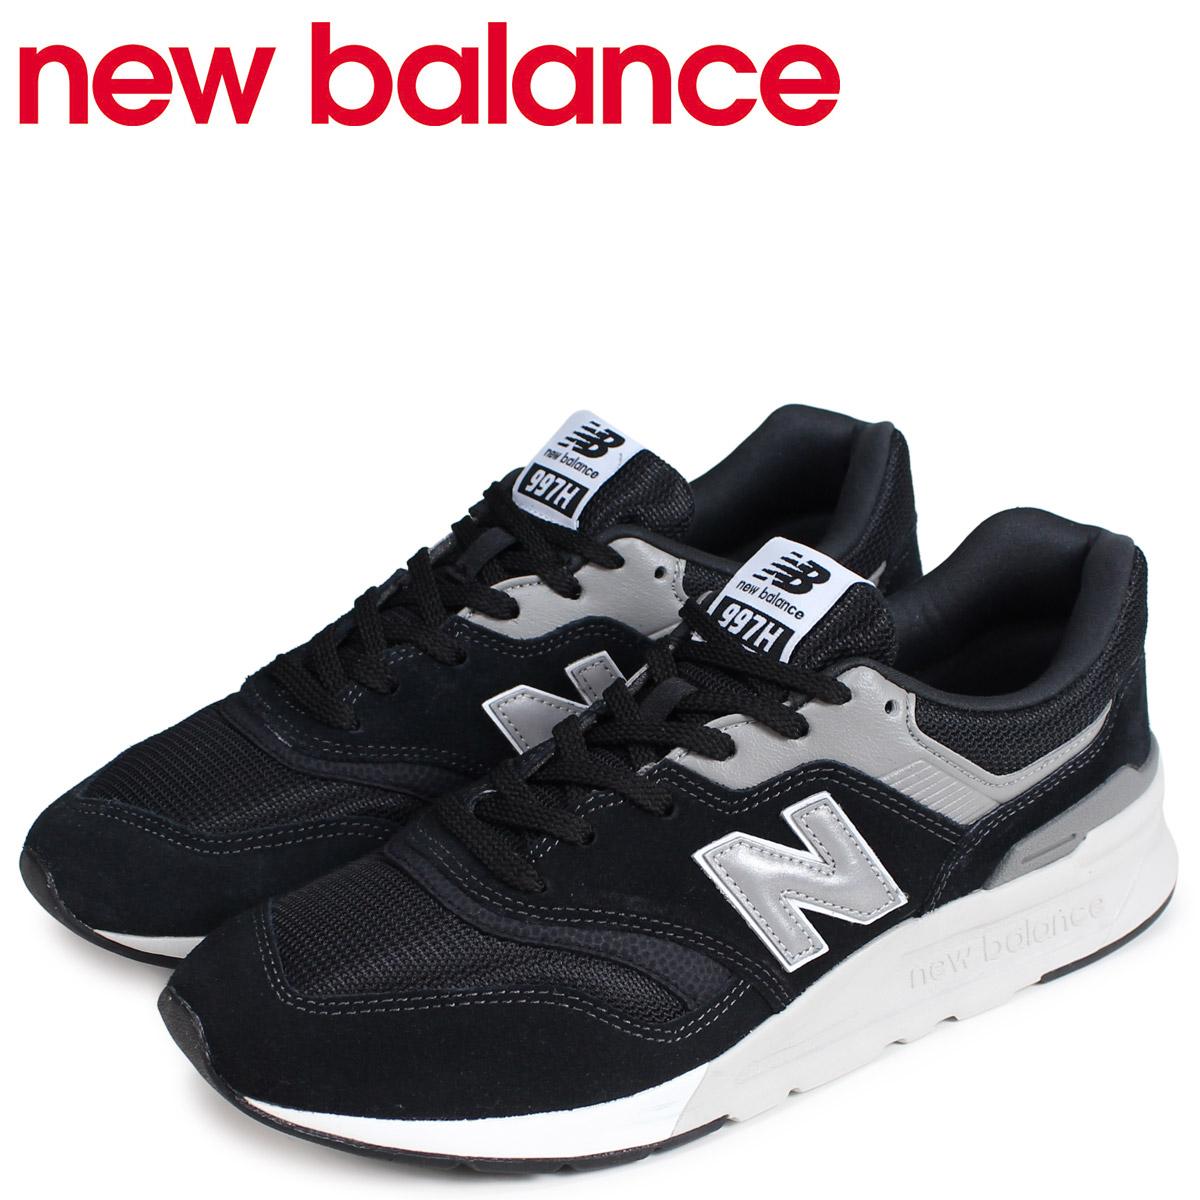 new balance ニューバランス 997 スニーカー メンズ Dワイズ ブラック 黒 CM997HCC